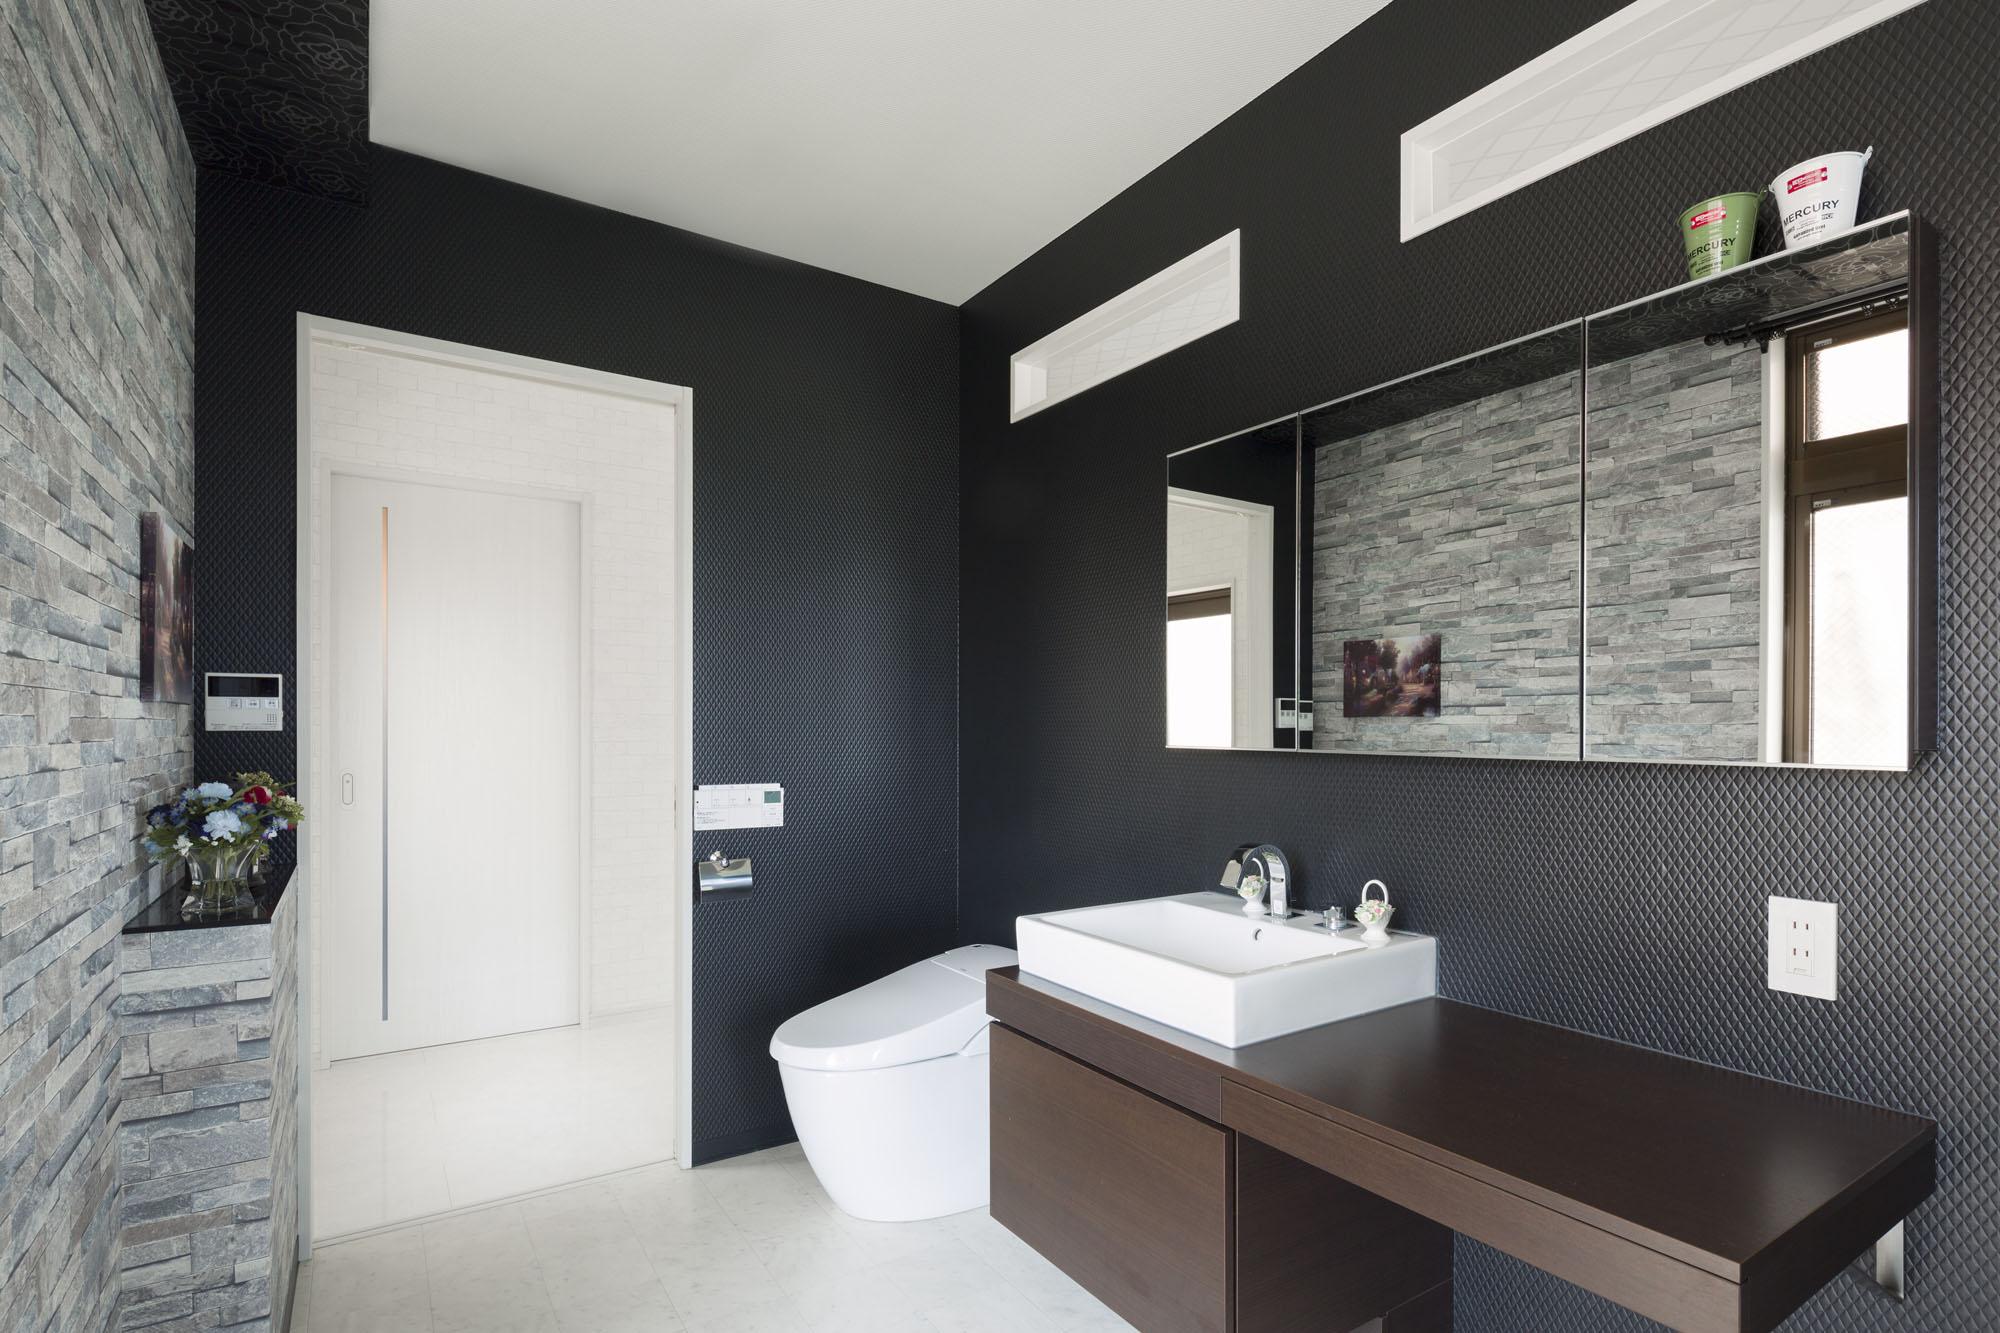 ホテルのようなスタイリッシュな洗面室。の写真